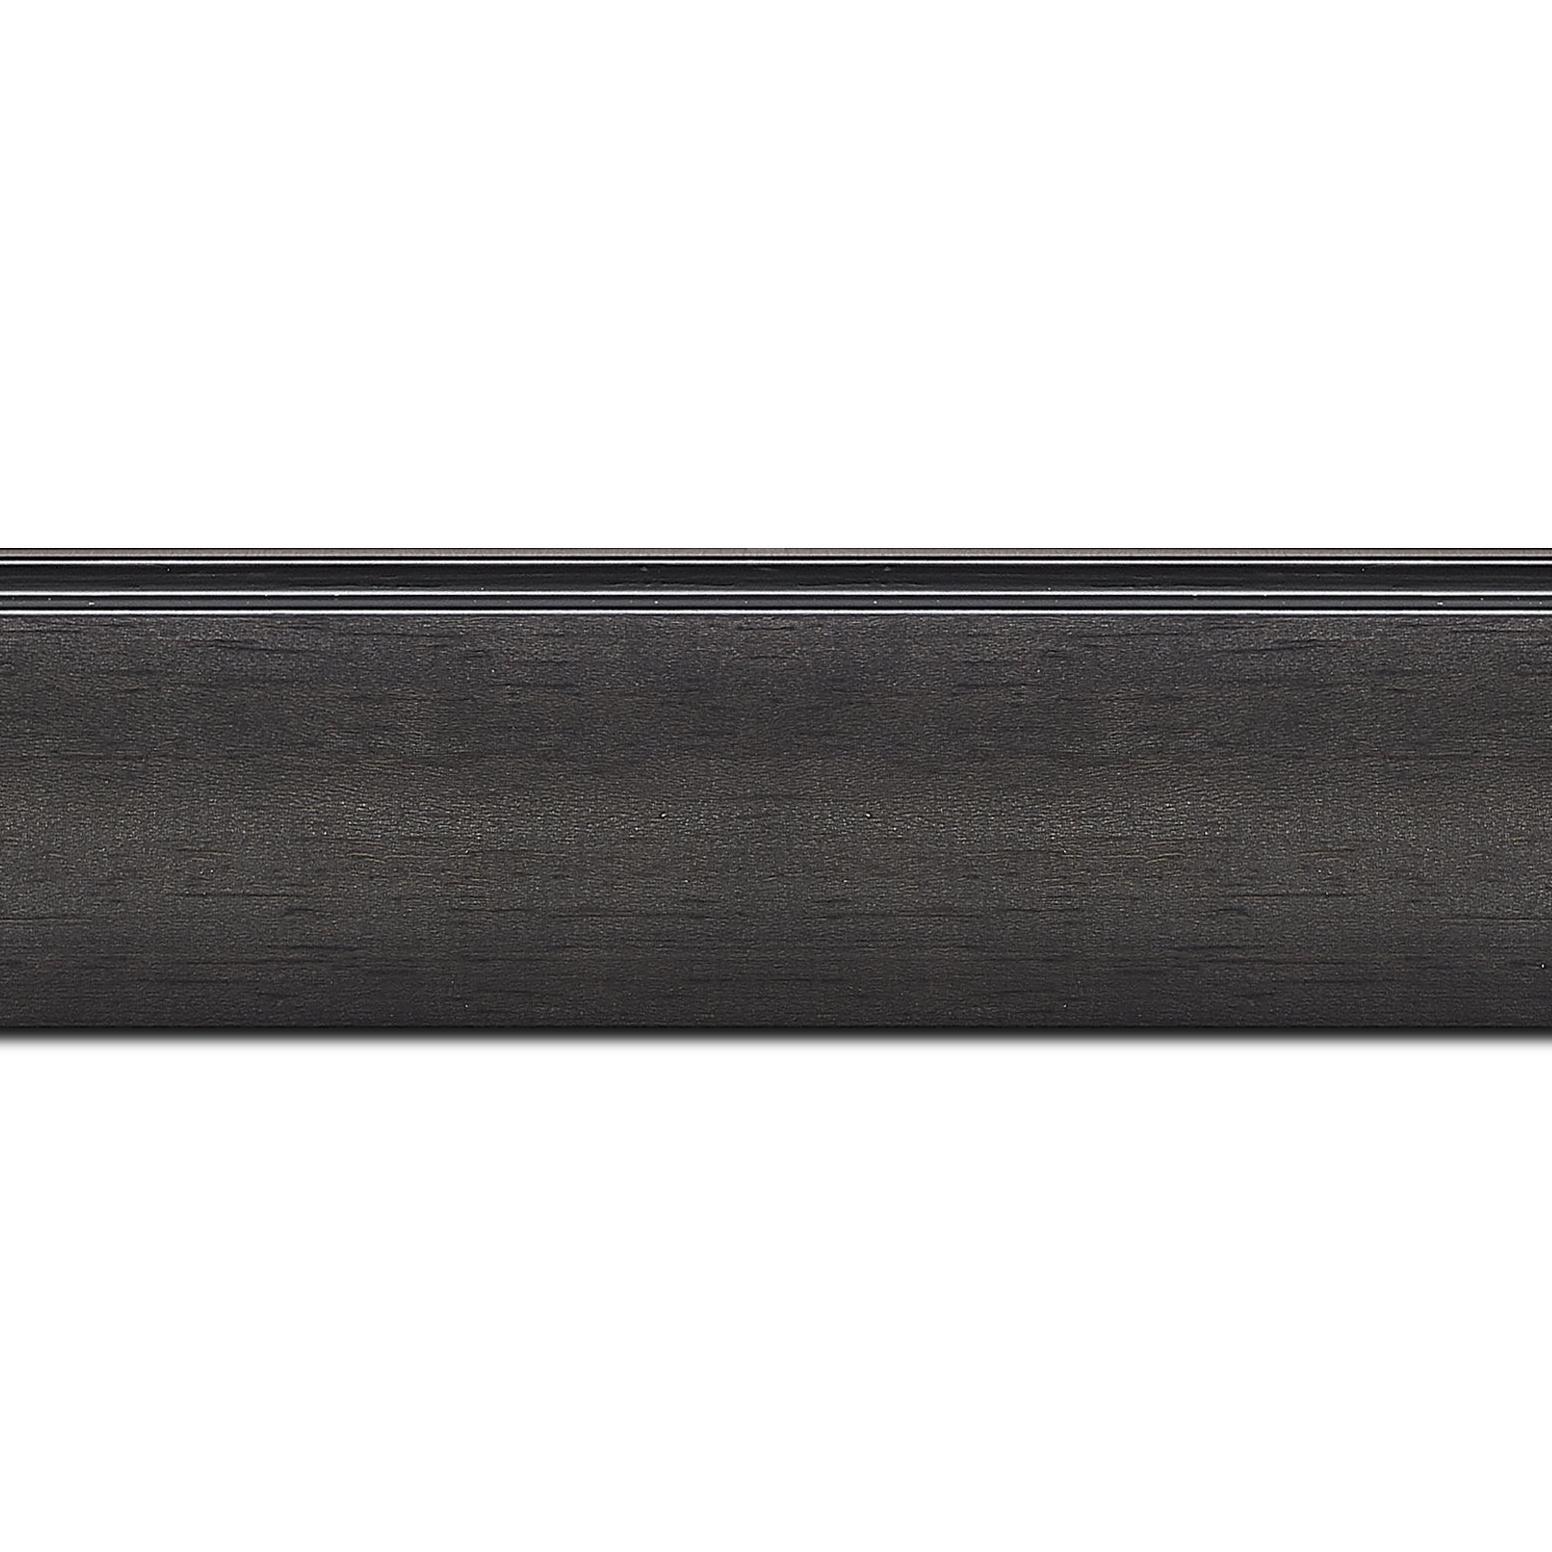 Pack par 12m, bois profil en pente méplat largeur 4.8cm couleur anthracite satiné surligné par une gorge extérieure noire : originalité et élégance assurée (longueur baguette pouvant varier entre 2.40m et 3m selon arrivage des bois)